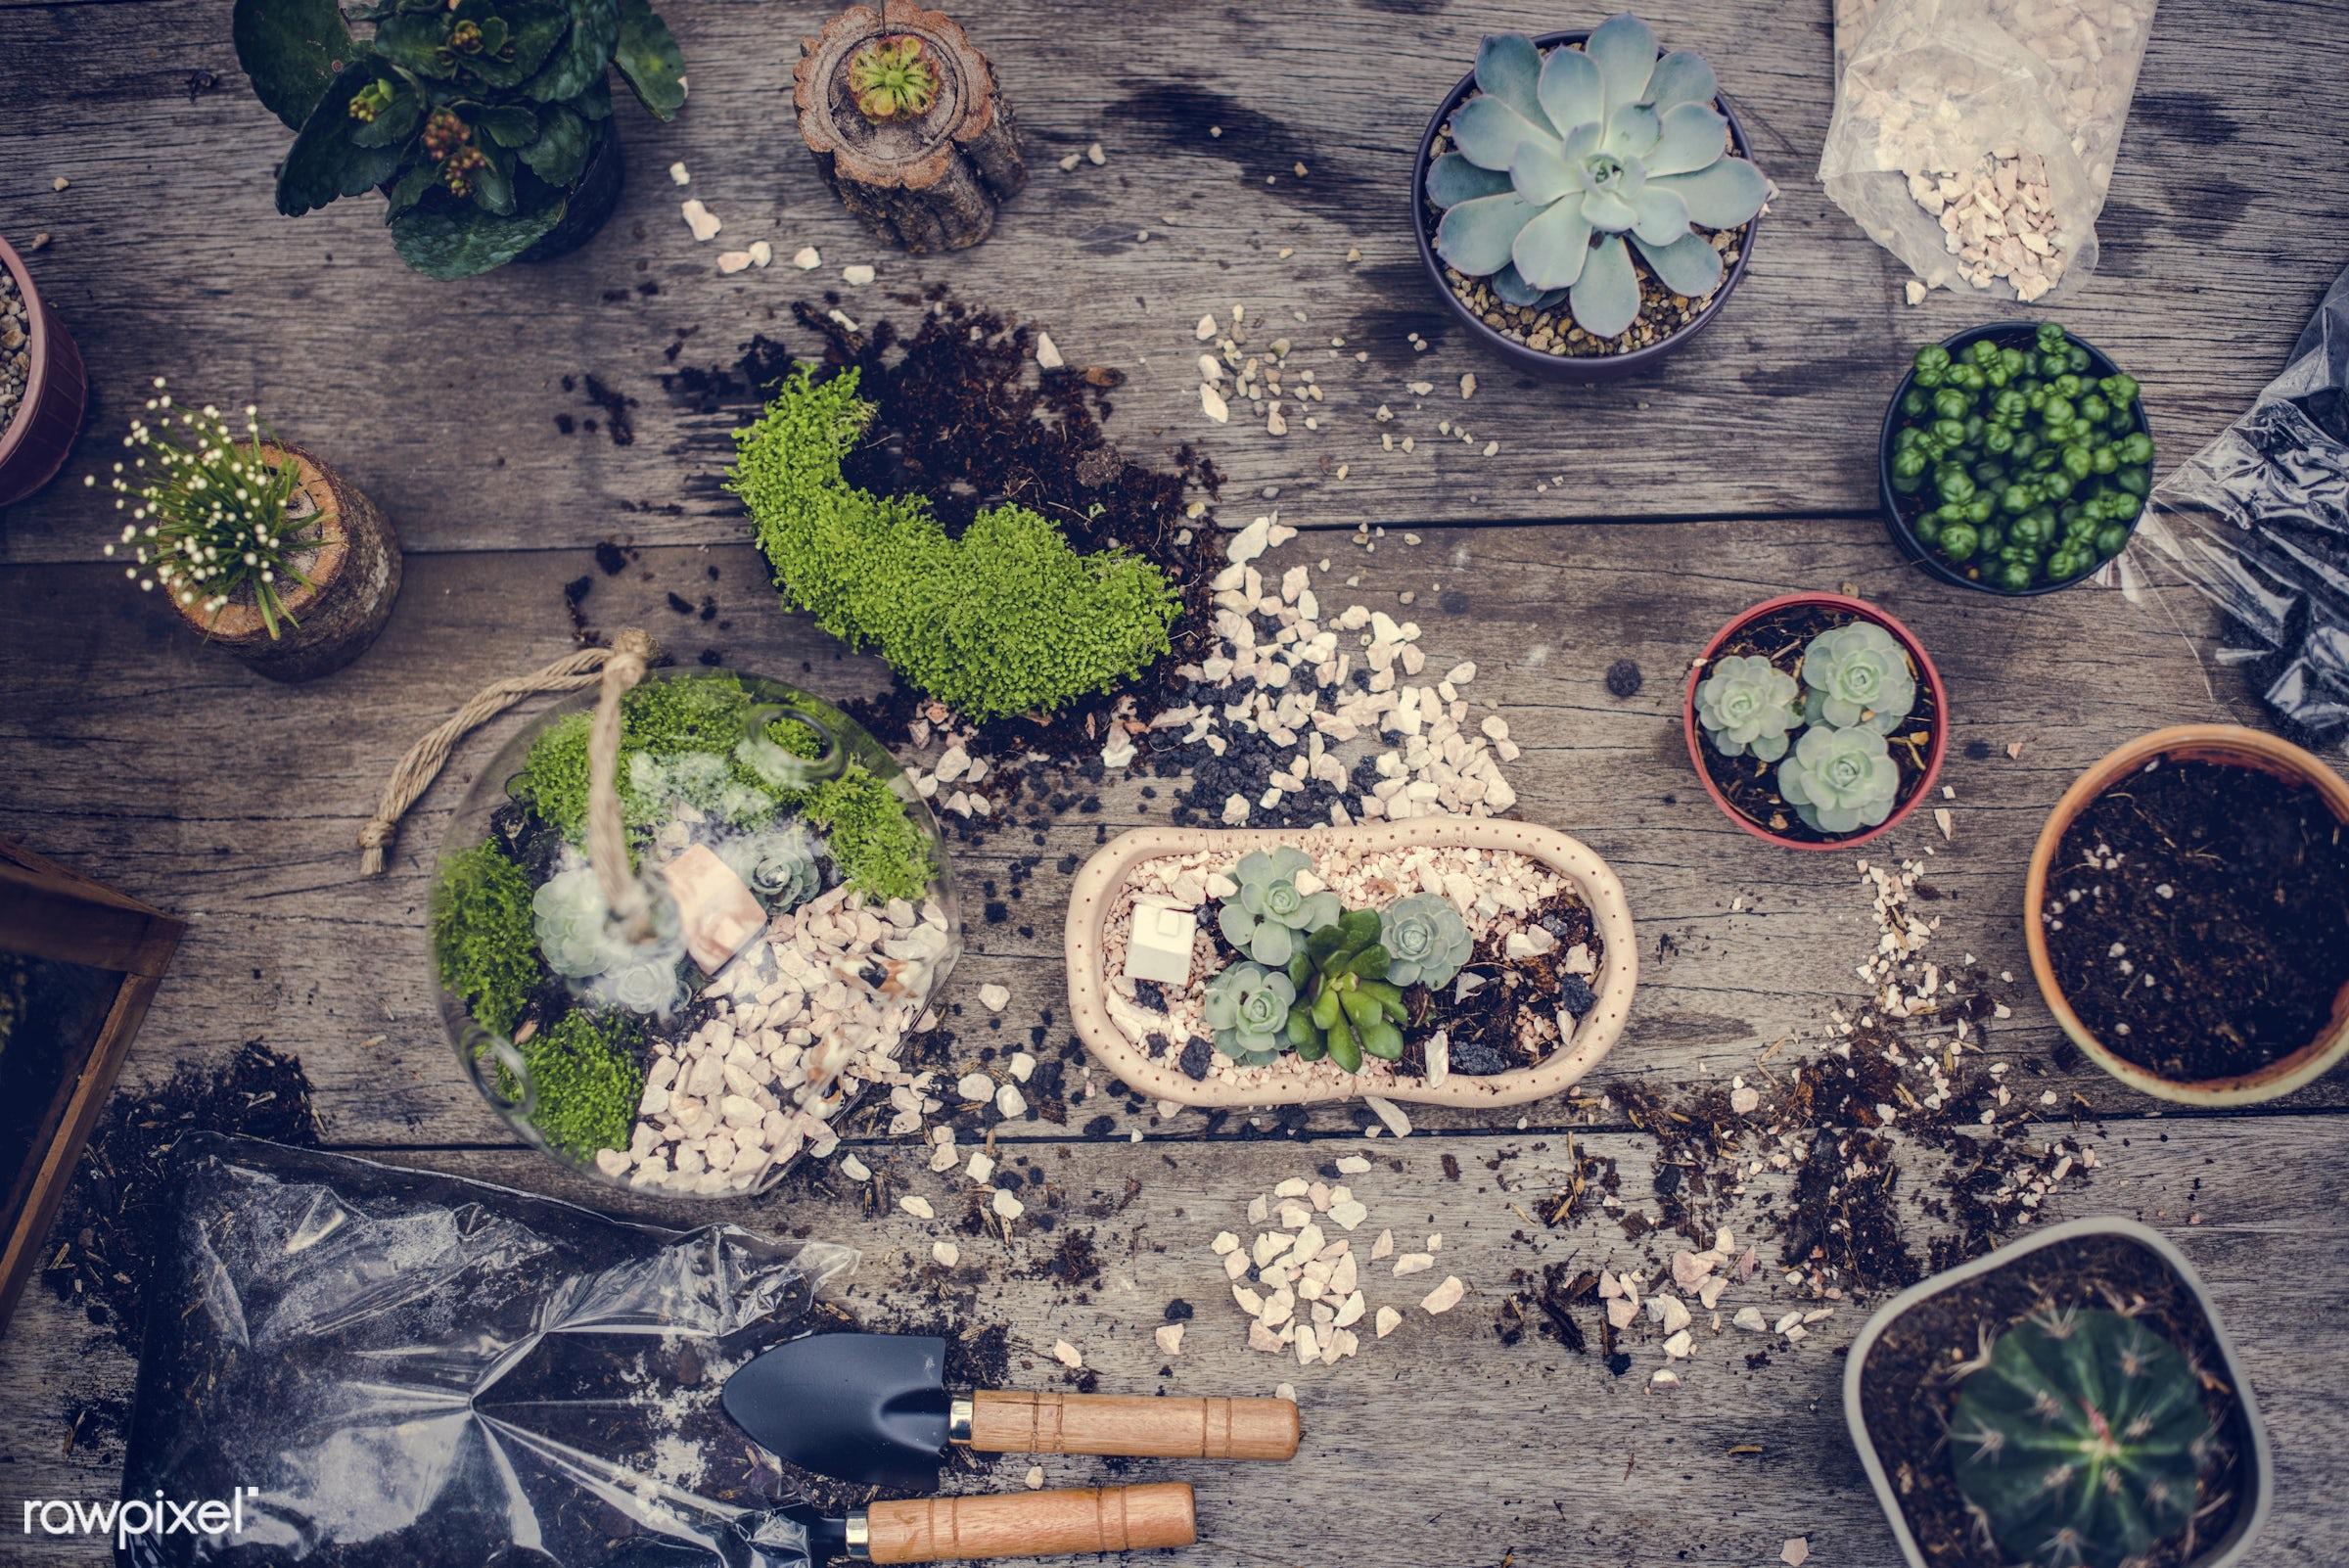 plant, succulent, decorative, handicraft, tropical, moss, terrarium, botanical, miniature, decor, nature, composition, glass...